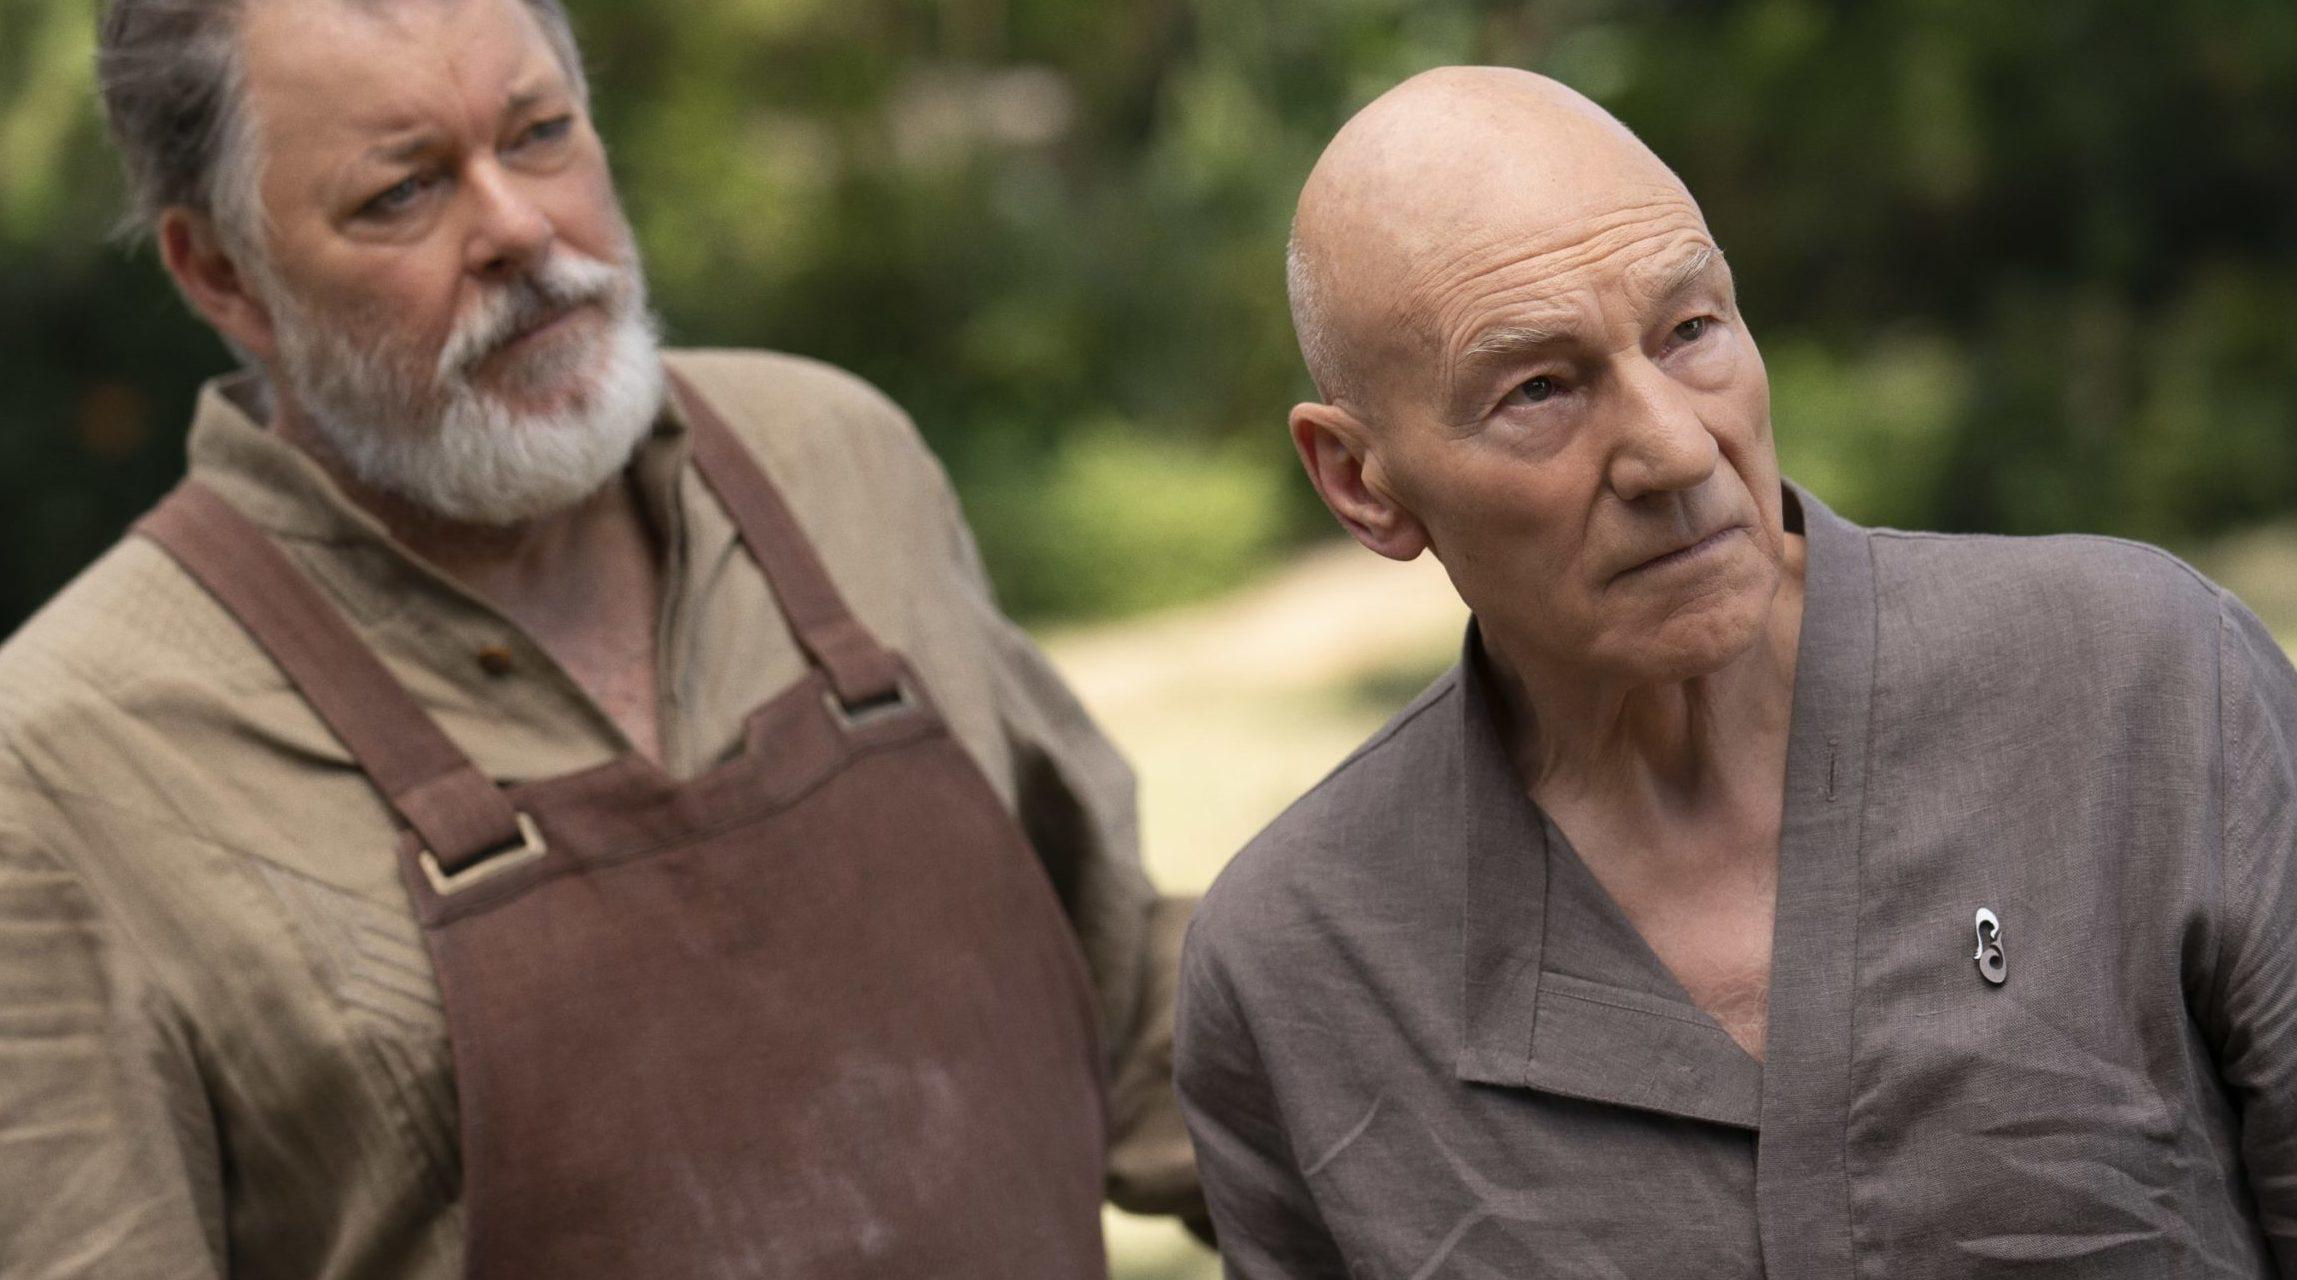 Picard und Riker in Star Trek Picard, Staffel 1, Episode 7